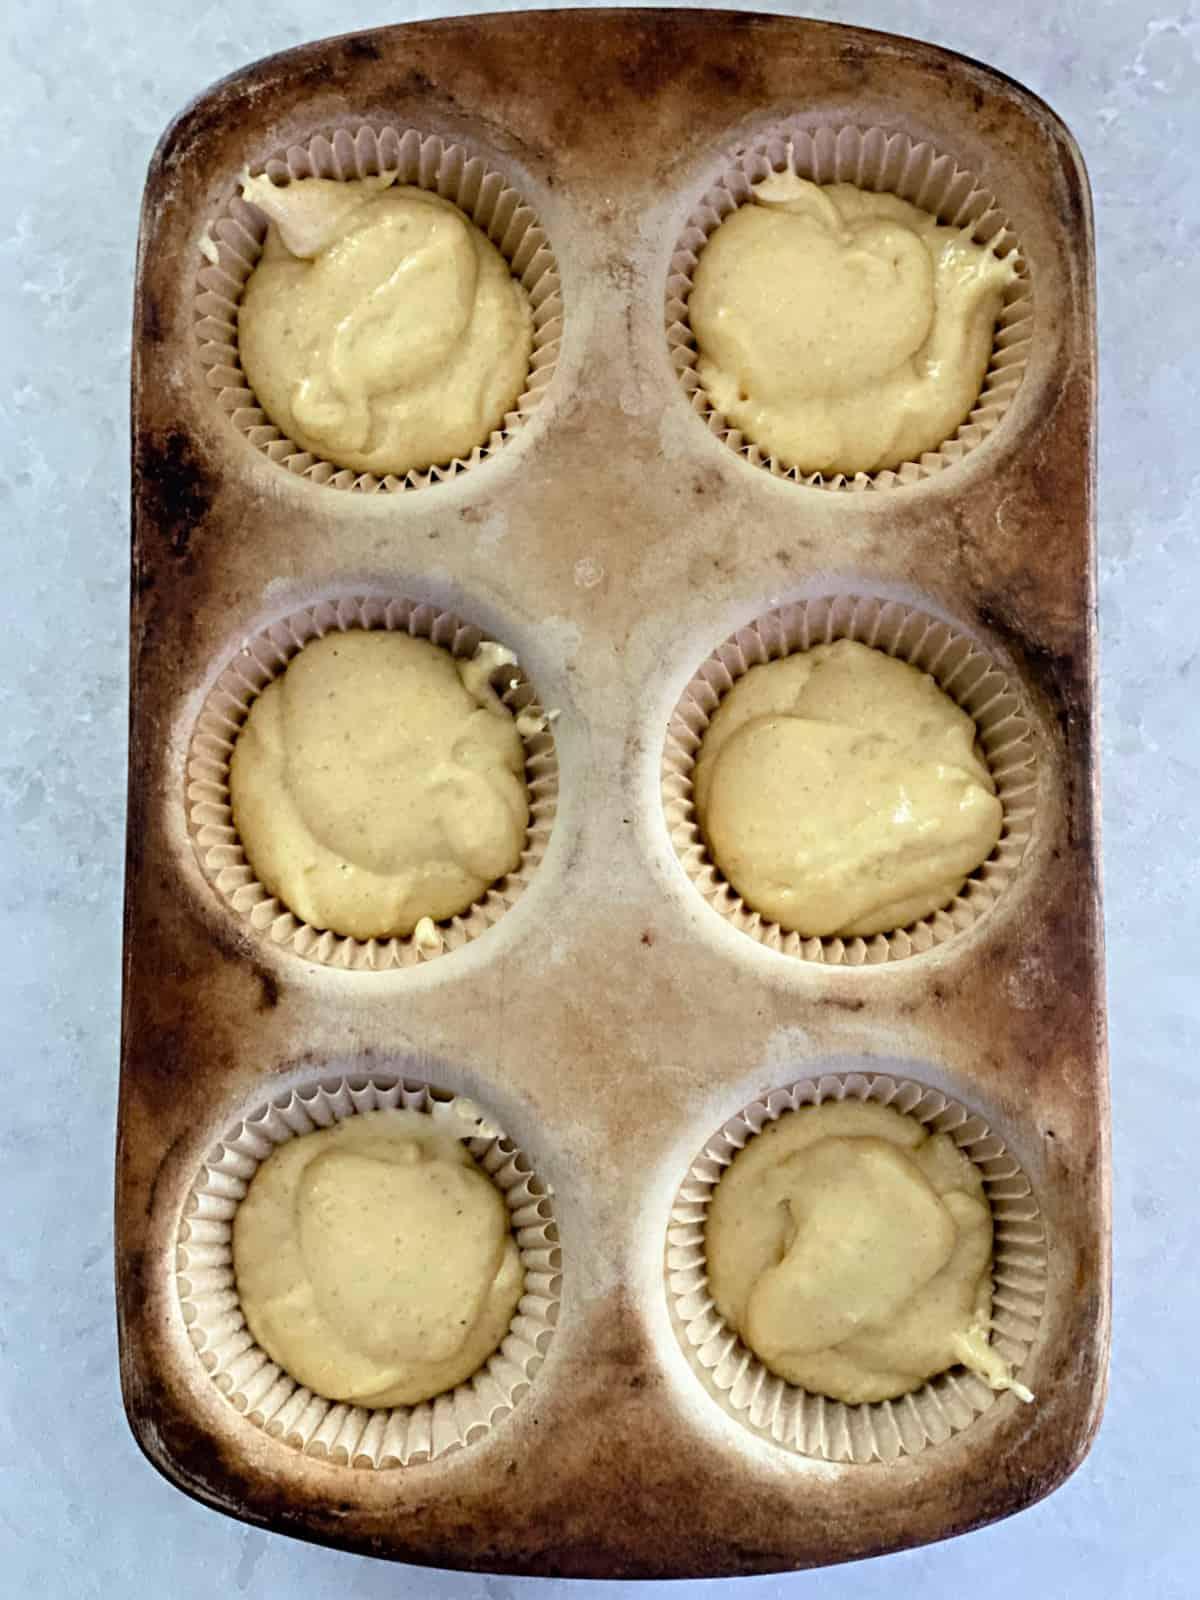 cornbread muffins in a pan